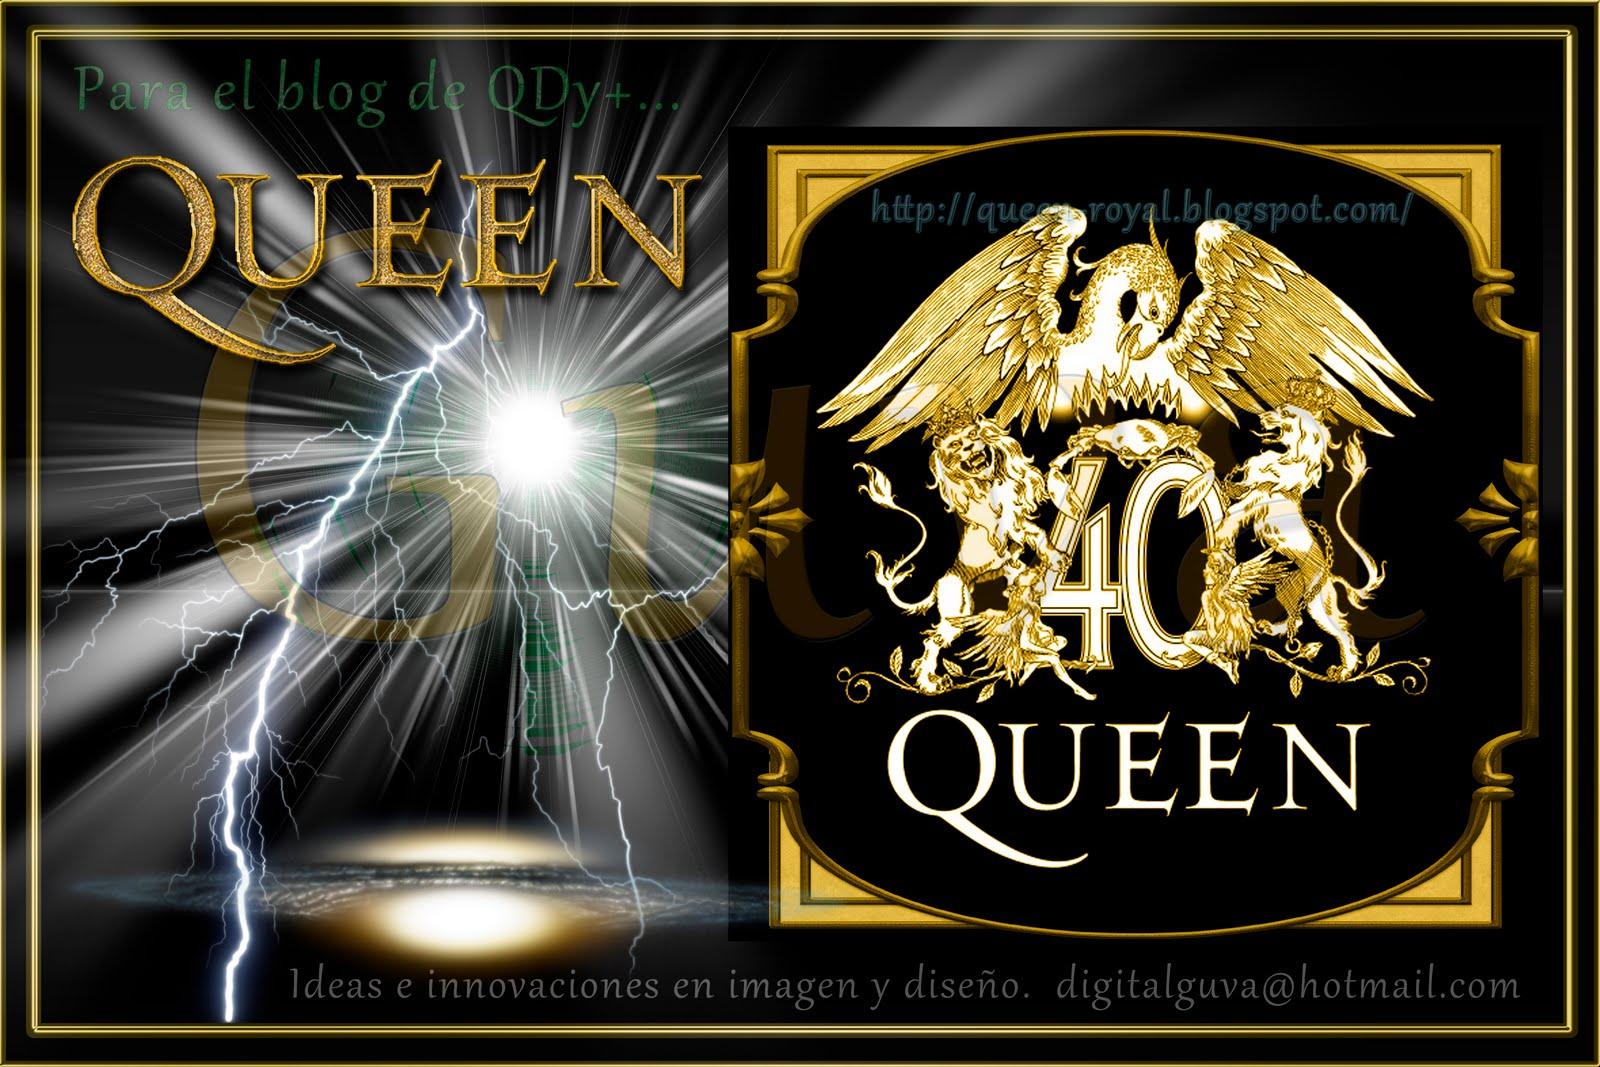 Queen Diseños y más...Tributo a: Freddie Mercury, John Deacon, Brian May & Roger Taylor